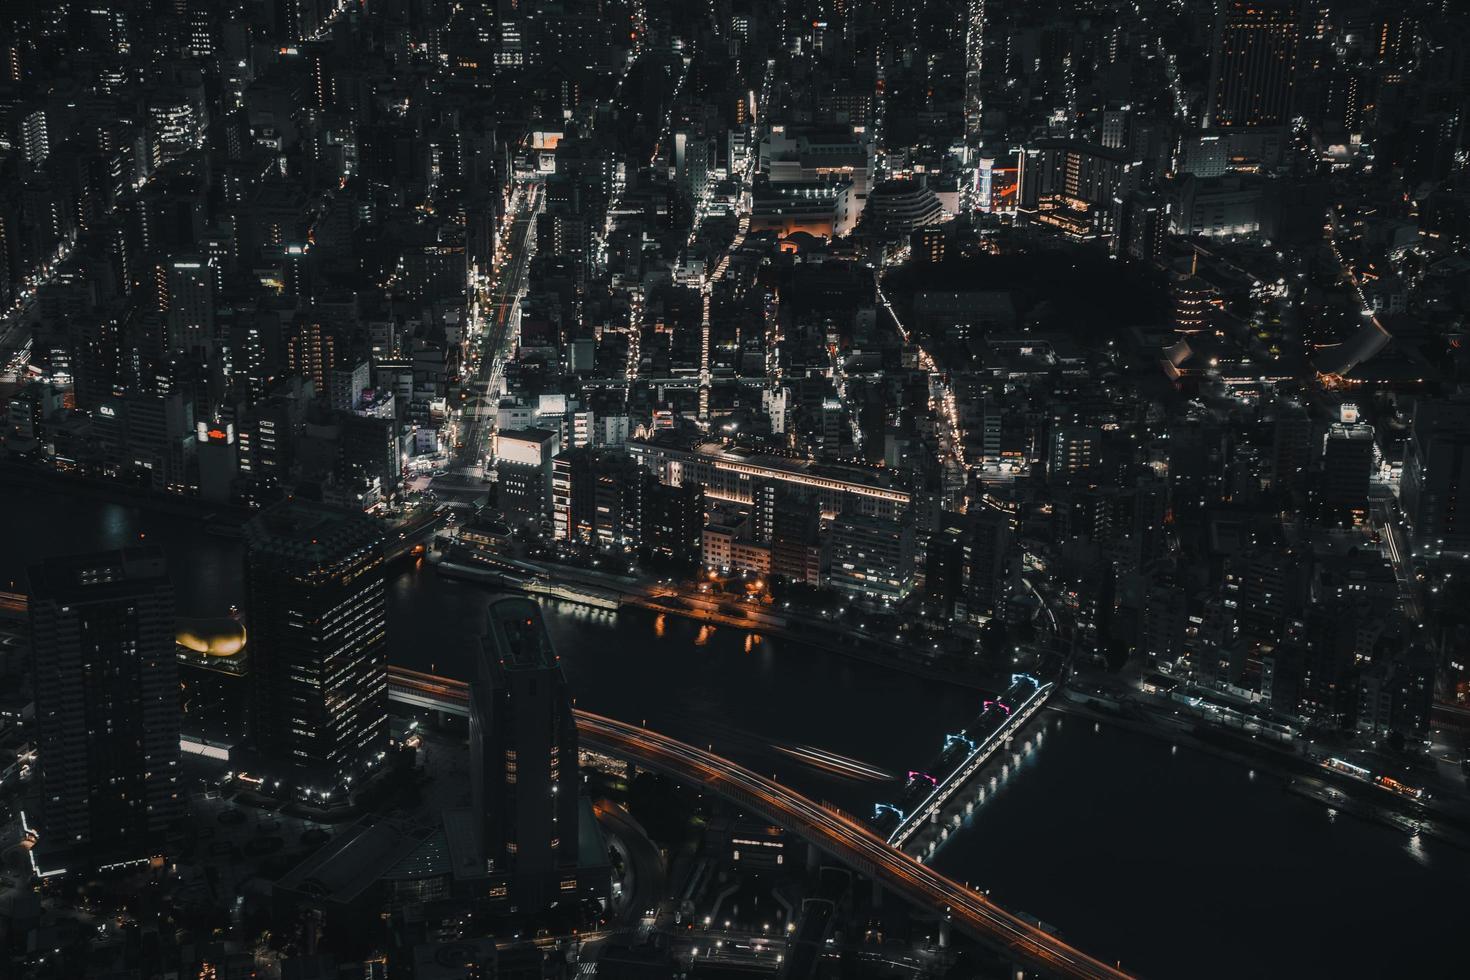 foto aérea de edificios de la ciudad